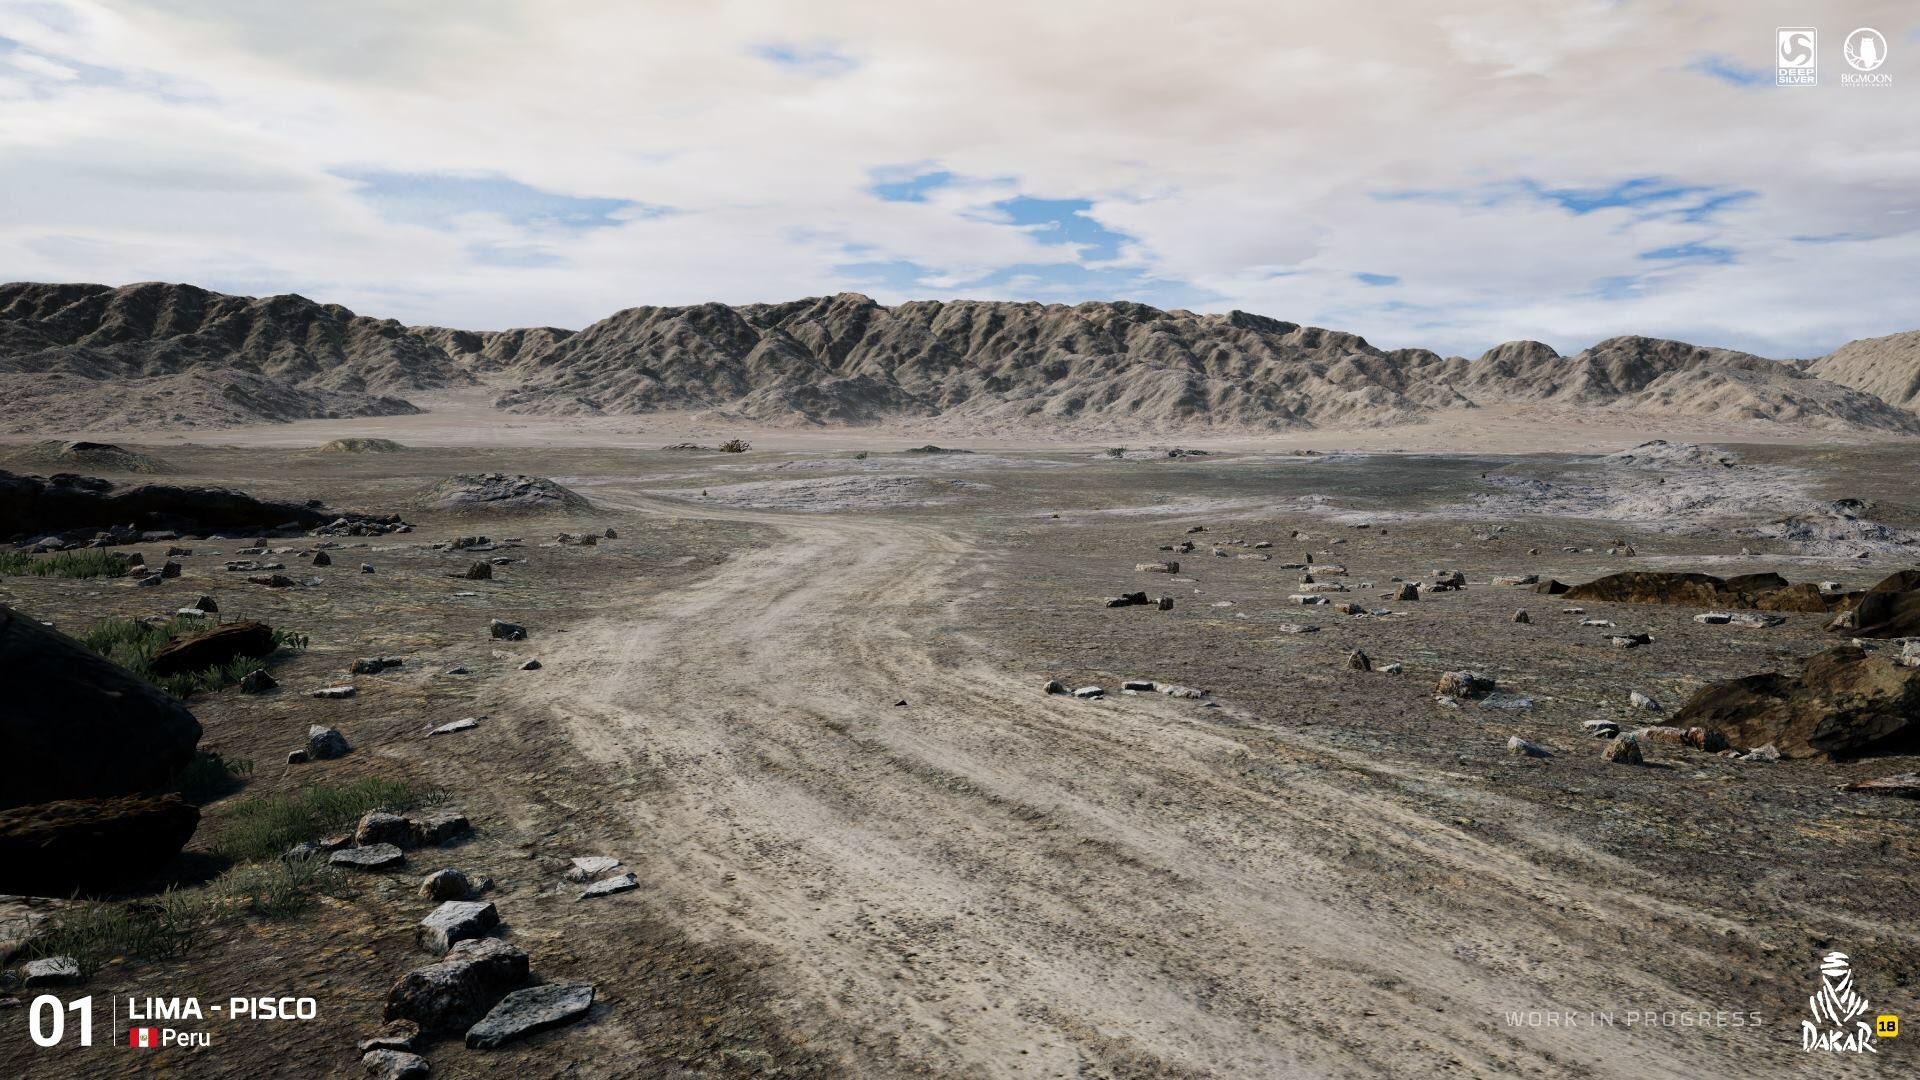 Dakar 18 environment preview 8